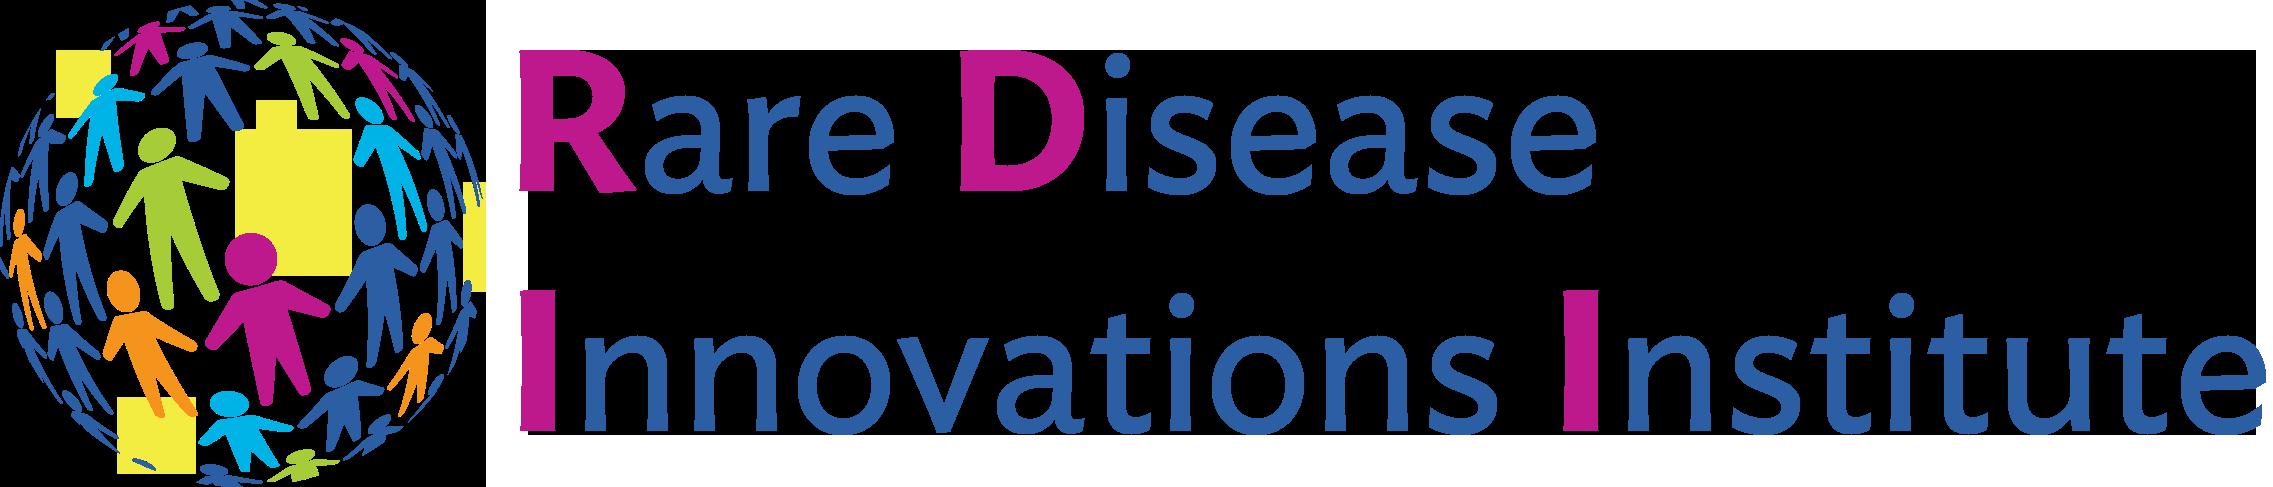 Rare Disease Innovations Institute